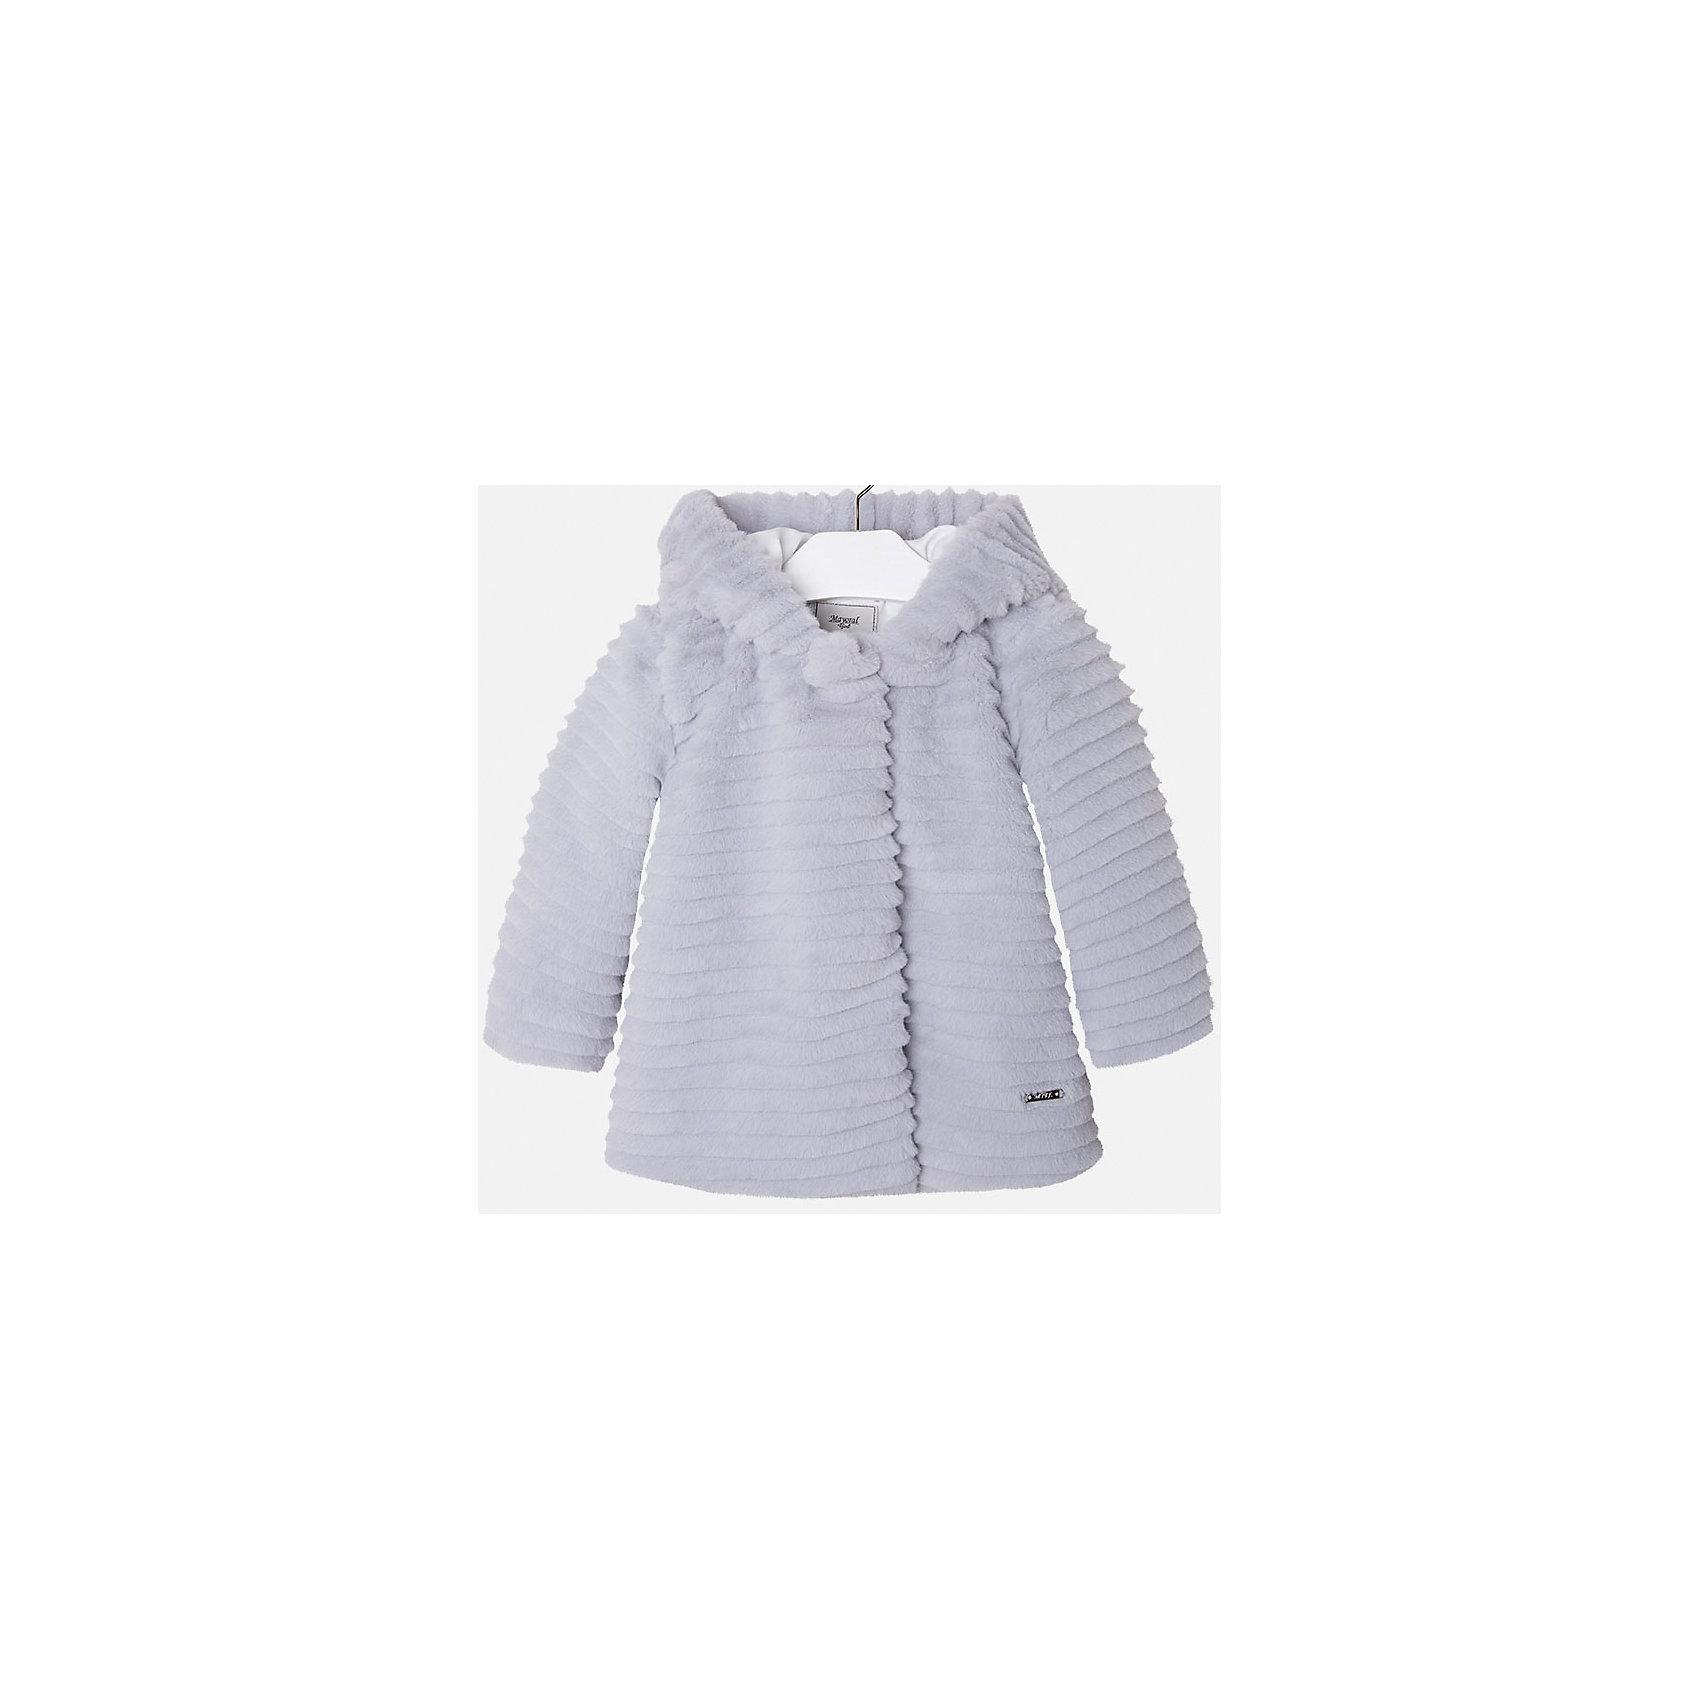 Куртка для девочки MayoralВерхняя одежда<br>Куртка из искусственного меха нежно-серого цвета торговой марки    Майорал -Mayoral для девочек. Стильная куртка прямого кроя из приятного на ощупь материала Изделие имеет легкое утепление синтепоном, прекрасно подойдет на прохладную осеннюю погоду. <br><br>Дополнительная информация: <br><br>- цвет: серый<br>- состав: полиэстер: 100%<br>- длина рукава: длинные<br>- фактура материала: меховой<br>- вид застежки: кнопки<br>- длина изделия: по спинке: 46 см<br>- покрой: прямой<br>- утеплитель: синтепон<br>- тип карманов: без карманов<br>- уход за вещами: бережная стирка при 30 градусах<br>- рисунок: без рисунка<br>- плотность: утеплителя: 0 г/кв.м<br>- назначение: повседневная<br>- характеристика утеплителя: fill power<br>- сезон: осень, зима, весна<br>- пол: девочки<br>- страна бренда: Испания<br>- страна производитель: Марокко<br>- комплектация: куртка<br><br>Куртку торговой марки    Майорал  можно купить в нашем интернет-магазине.<br><br>Ширина мм: 356<br>Глубина мм: 10<br>Высота мм: 245<br>Вес г: 519<br>Цвет: серый<br>Возраст от месяцев: 36<br>Возраст до месяцев: 48<br>Пол: Женский<br>Возраст: Детский<br>Размер: 104,134,122,98,128,116,110<br>SKU: 4843810